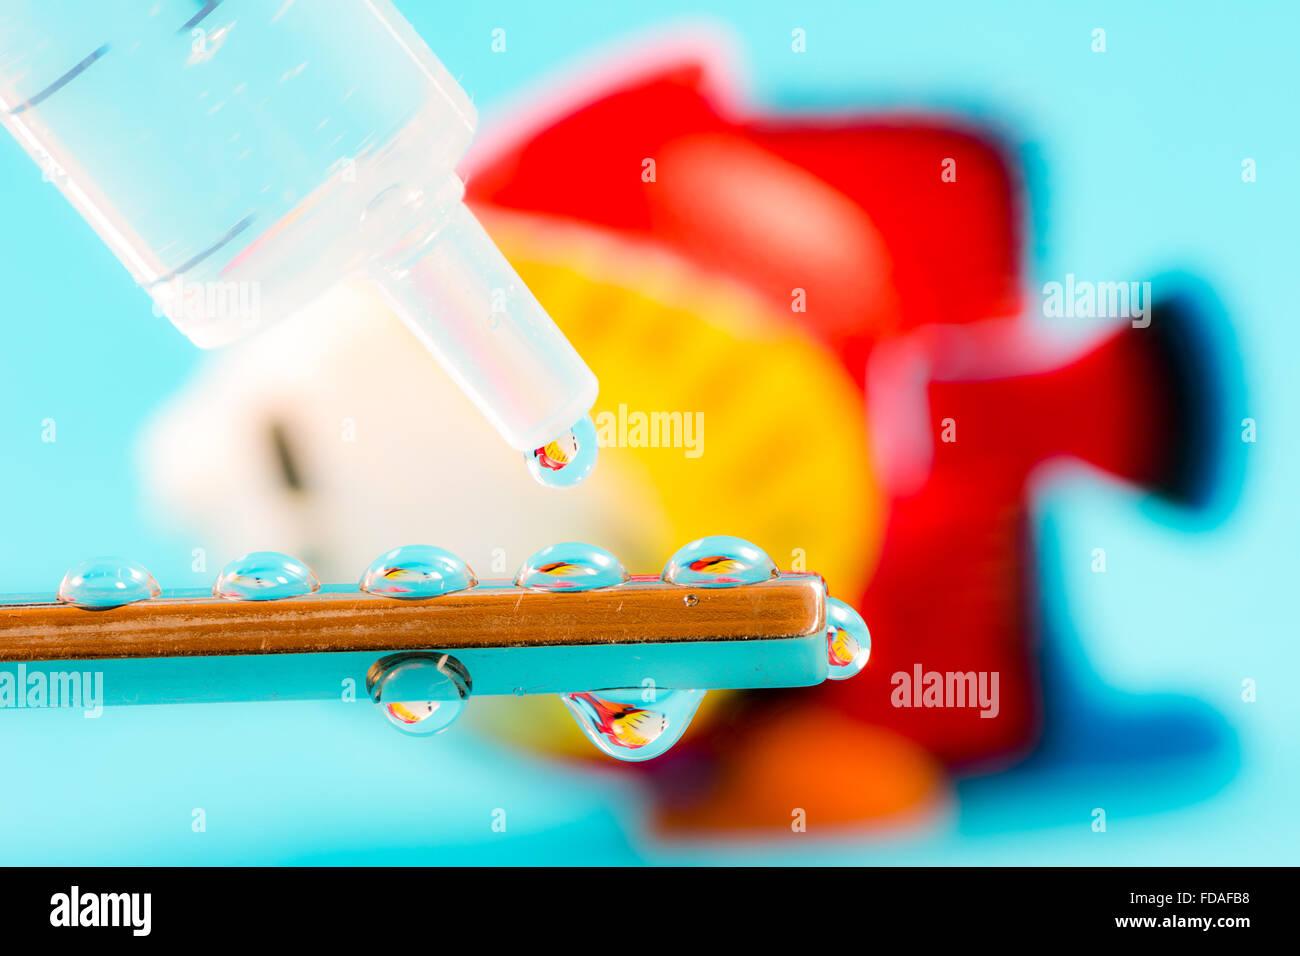 Reflejos en un pez cae desde una jeringa - podría utilizarse para ilustrar la ingeniería genética, Imagen De Stock